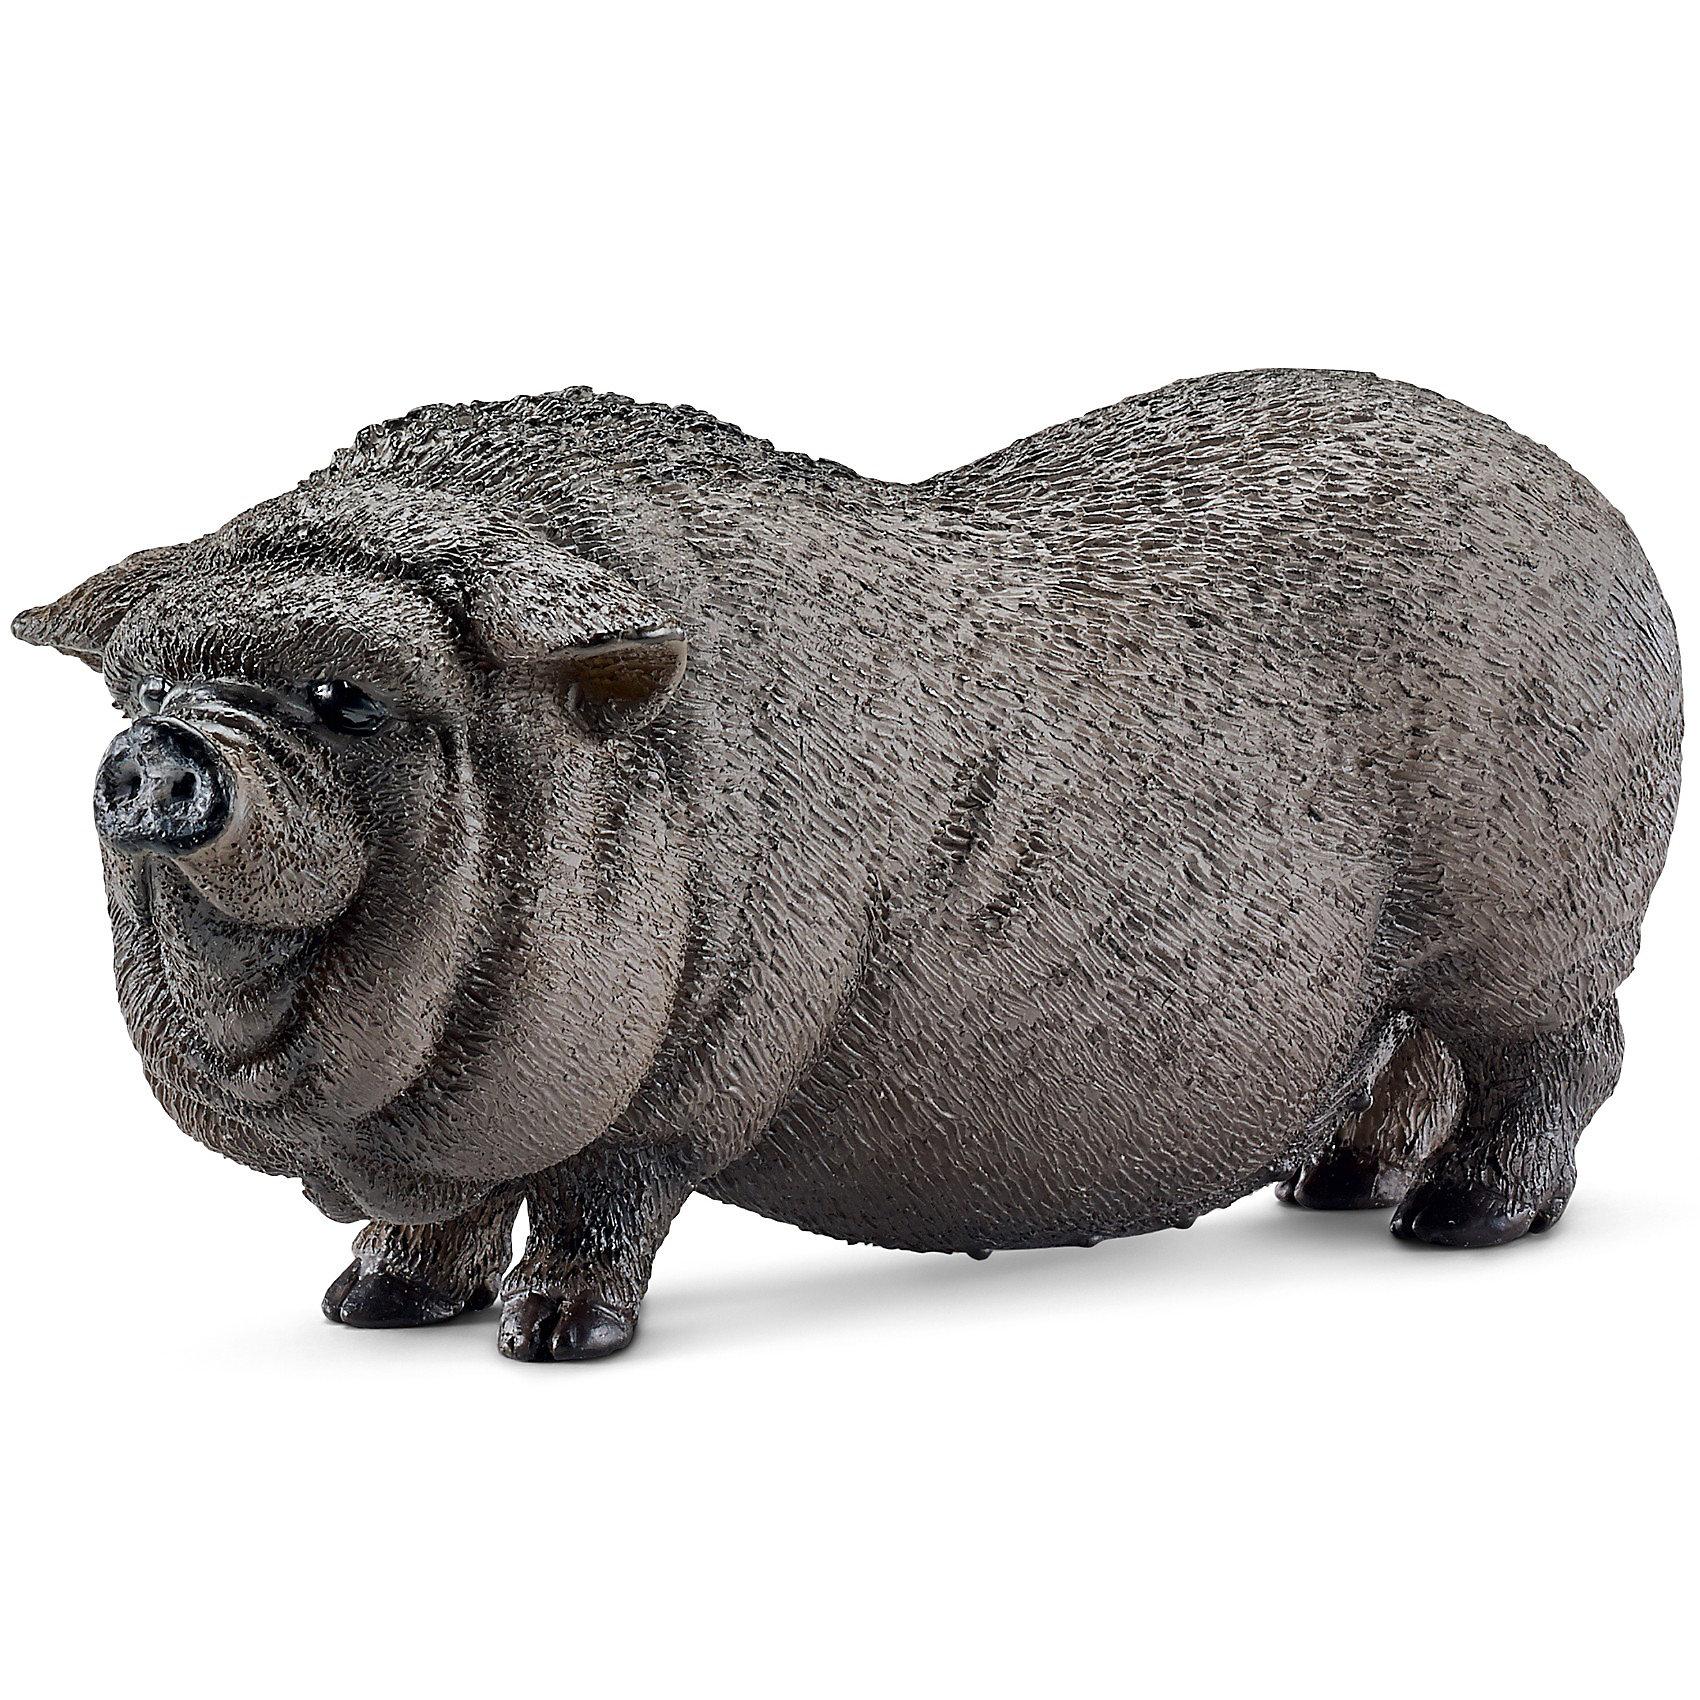 Вьетнамская вислобрюхая свинья, SchleichВьетнамская вислобрюхая свинья, Schleich (Шляйх) - коллекционная и игровая фигурка от немецкого производителя Schleich (Шляйх).<br>Фигурка вьетнамской вислобрюхой свиньи станет прекрасным пополнением коллекции фигурок вашего ребенка и сделает его игру интереснее. Вьетнамская вислобрюхая свинья была выведена в Юго-Восточной Азии. Они имеют широкое длинное тело и маленькие ножки, что делает эту породу малоподвижной и неповоротливой. Вьетнамские вислобрюхие свиньи использовались даже в качестве домашних животных, сейчас они представлены только в зоопарках. Все фигурки Schleich (Шляйх) сделаны из гипоаллергенных высокотехнологичных материалов, раскрашены вручную и не вызывают аллергии у ребенка. Прекрасно выполненные фигурки Шляйх отличаются высочайшим качеством игрушек ручной работы. Все они создаются при постоянном сотрудничестве с Берлинским зоопарком, а потому, являются максимально точной копией настоящих животных. Каждая фигурка разработана с учетом исследований в области педагогики и производится как настоящее произведение для маленьких детских ручек.<br><br>Дополнительная информация:<br><br>-Размер фигурки: 3 x 7,6 x 3,6 см.<br>-Вес фигурки: 41 грамм<br>-Материал: каучуковый пластик<br><br>Вьетнамская вислобрюхая свинья, Schleich (Шляйх) - ваш ребенок будет наслаждаться игрой с новой восхитительной фигуркой.<br><br>Фигурку Вьетнамской вислобрюхой свиньи, Schleich (Шляйх) можно купить в нашем интернет-магазине.<br><br>Ширина мм: 86<br>Глубина мм: 55<br>Высота мм: 32<br>Вес г: 41<br>Возраст от месяцев: 36<br>Возраст до месяцев: 96<br>Пол: Унисекс<br>Возраст: Детский<br>SKU: 3443117